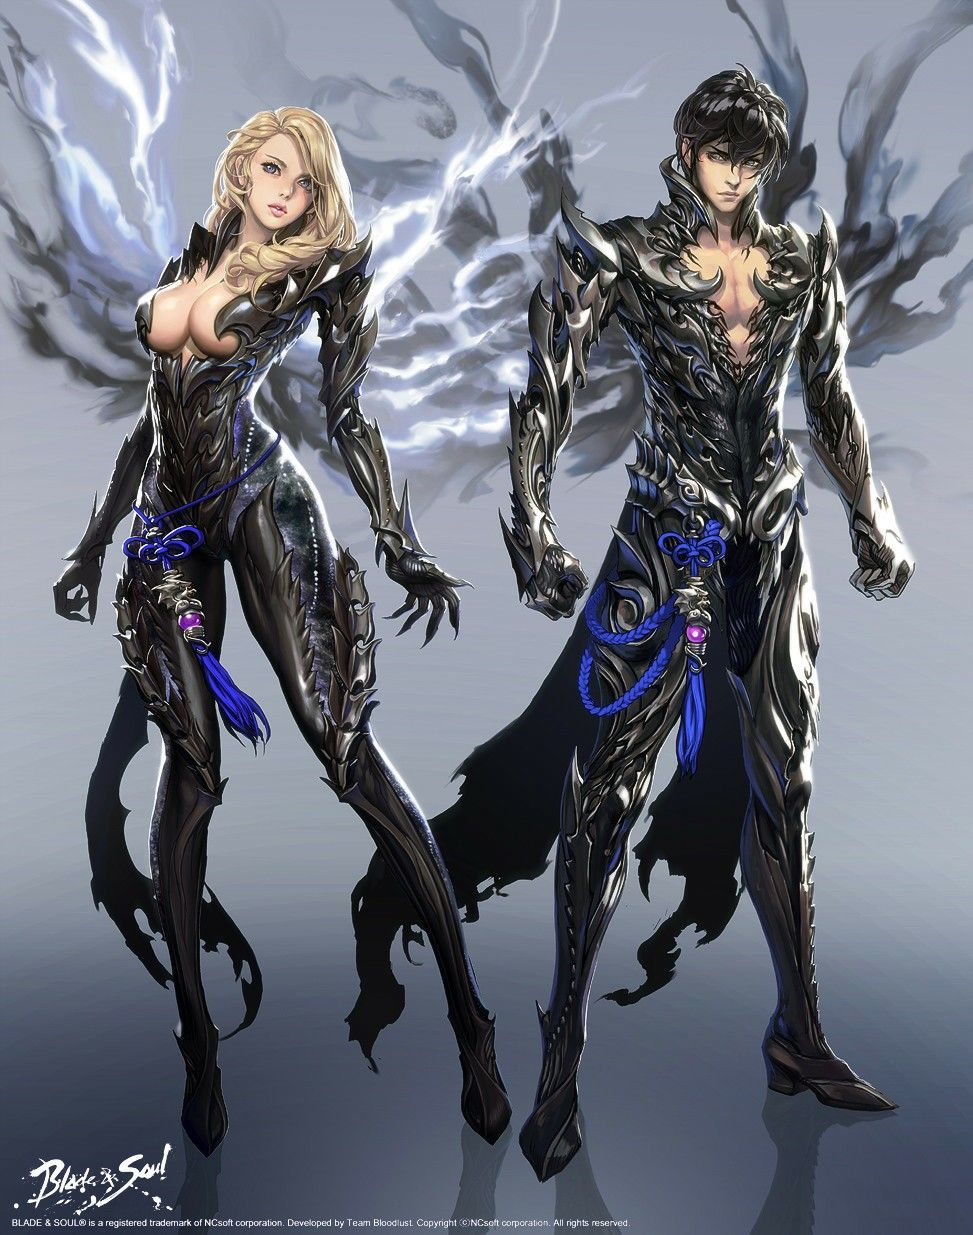 Blade and soul Minh họa manga, Hình ảnh, Chiến binh